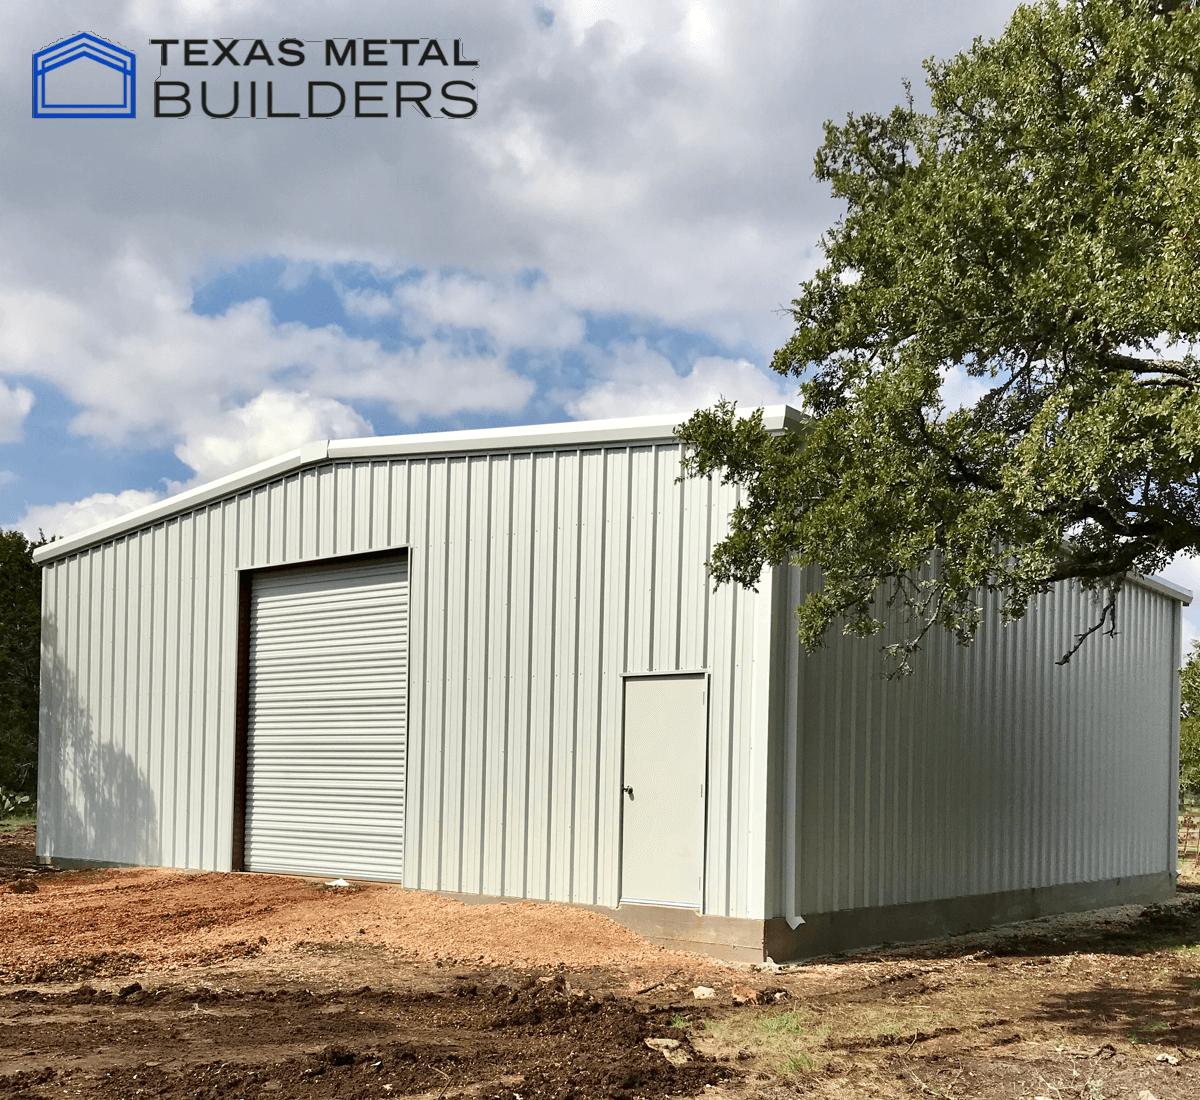 Gallery Texas Metal Builders